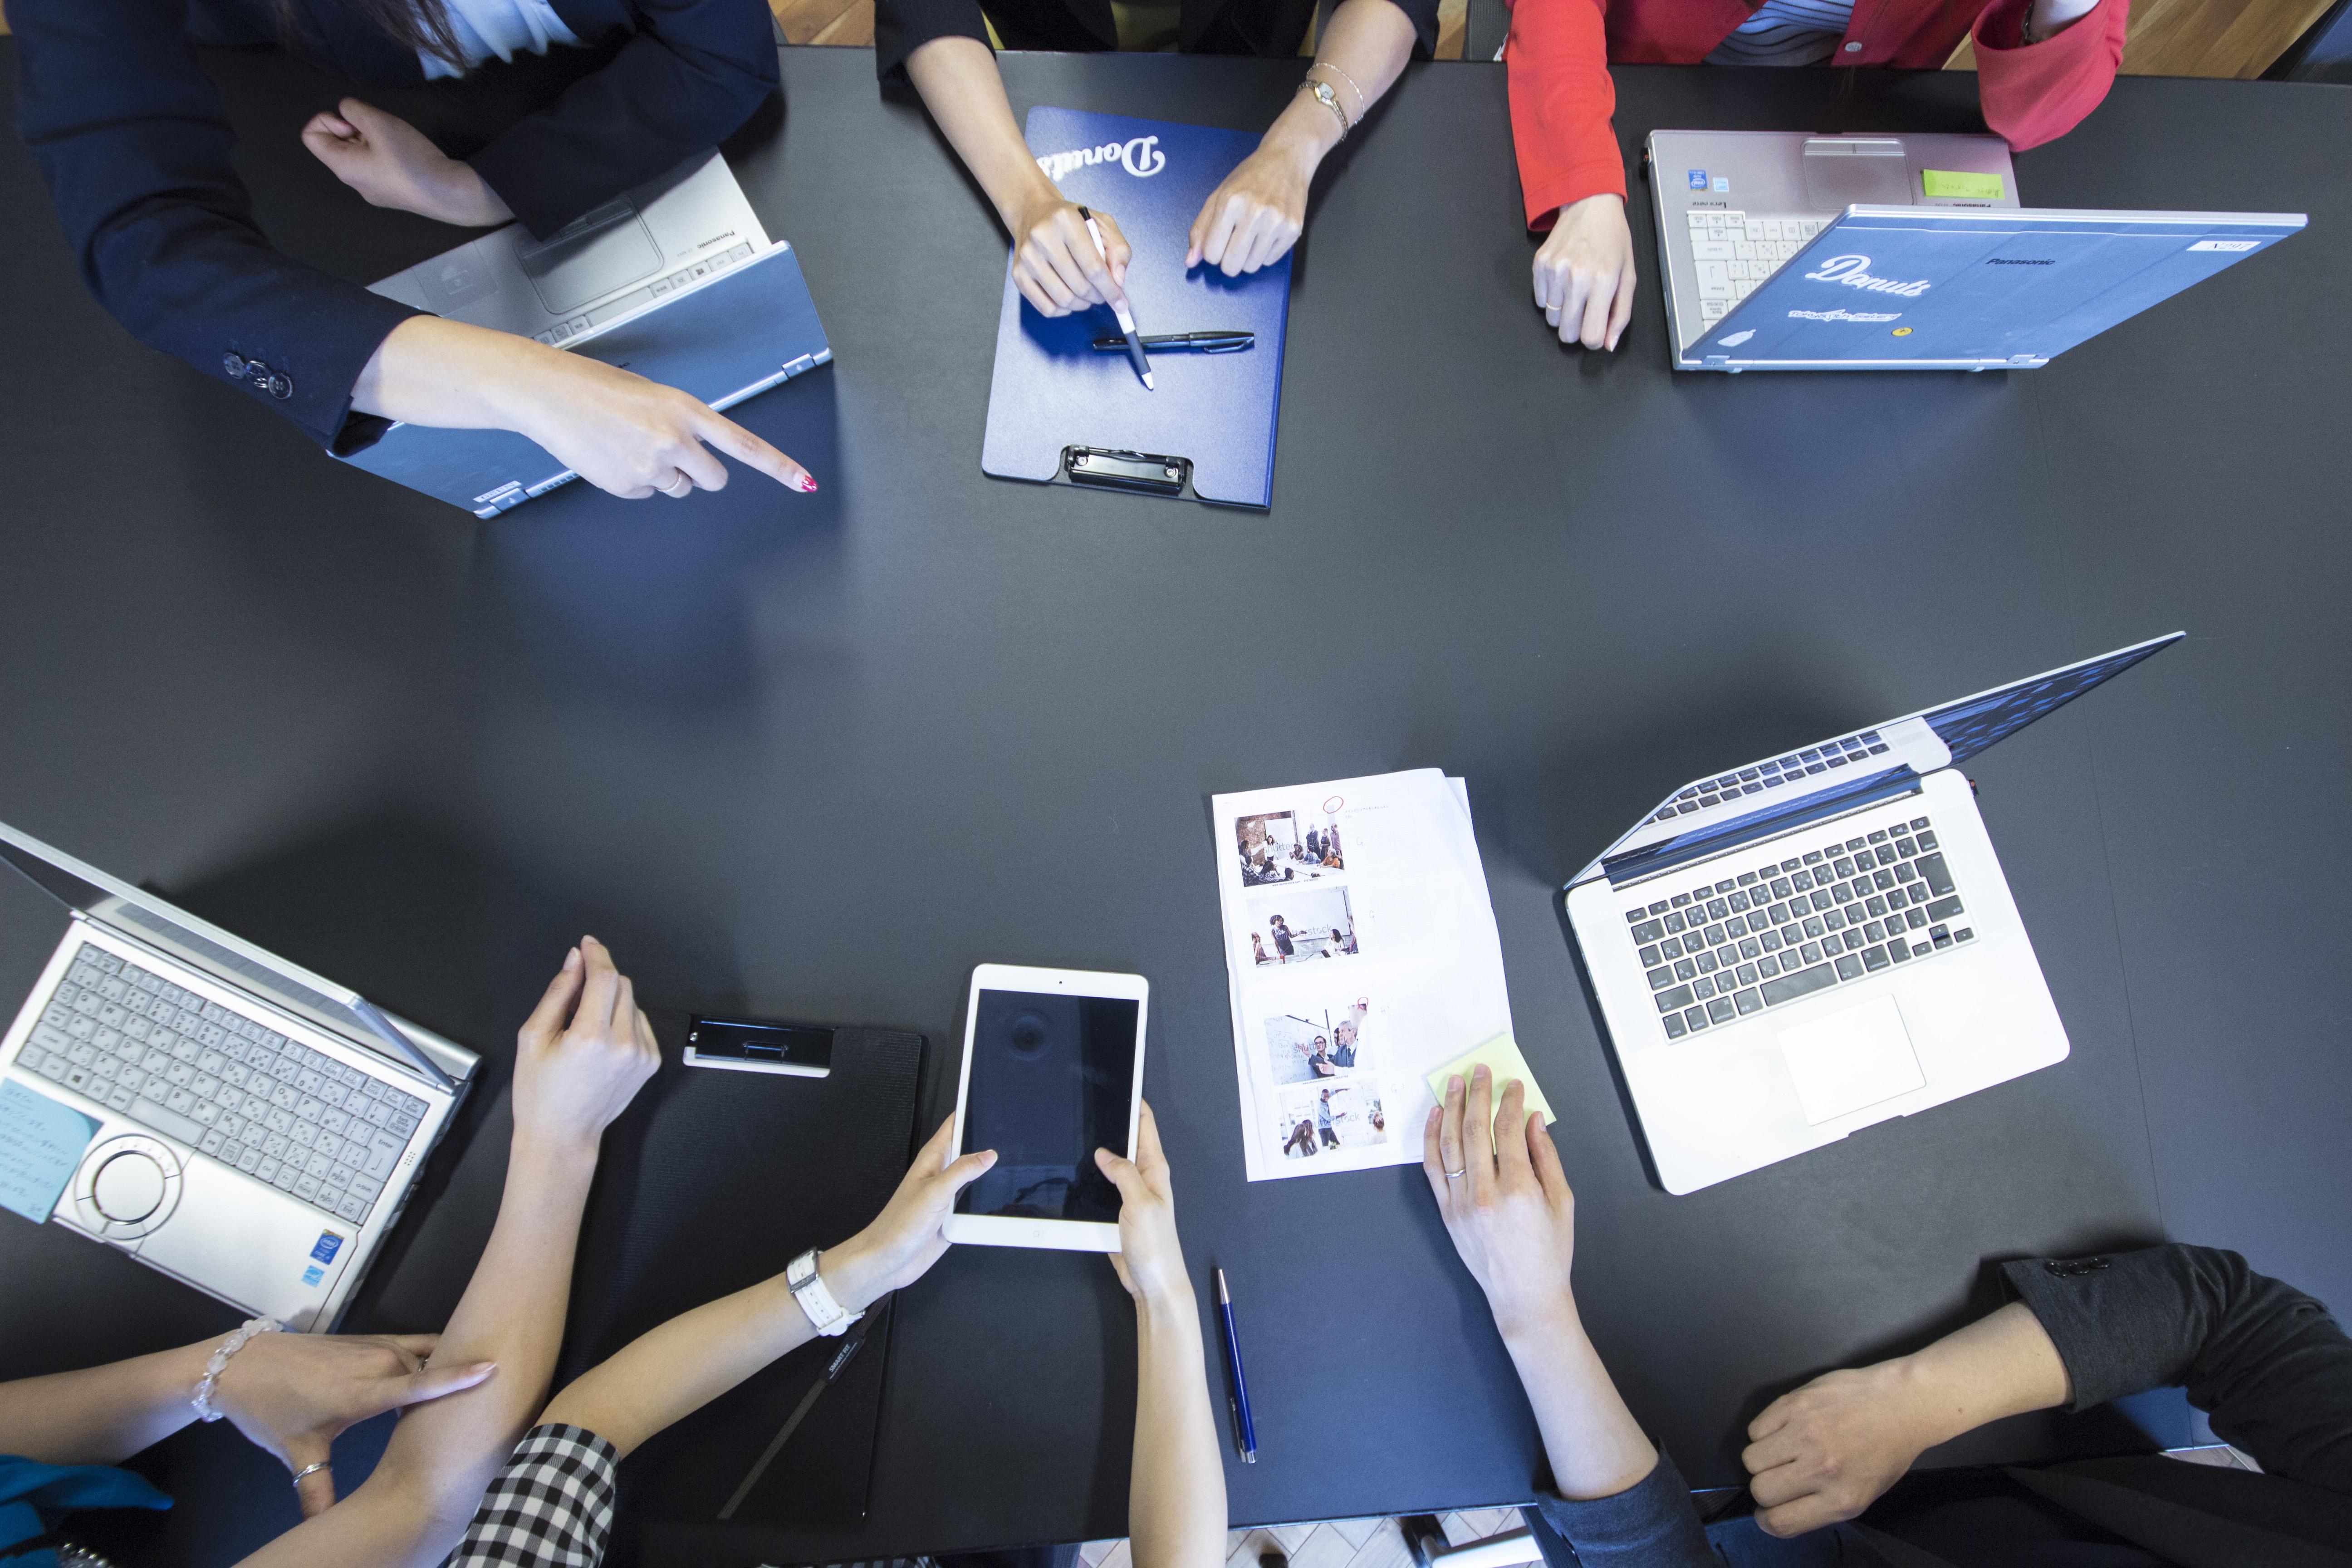 【モバイルエンジニア】業務支援ツールの企画・設計・開発等◆働き方改革進める業界No1システムのモバイルエンジニア